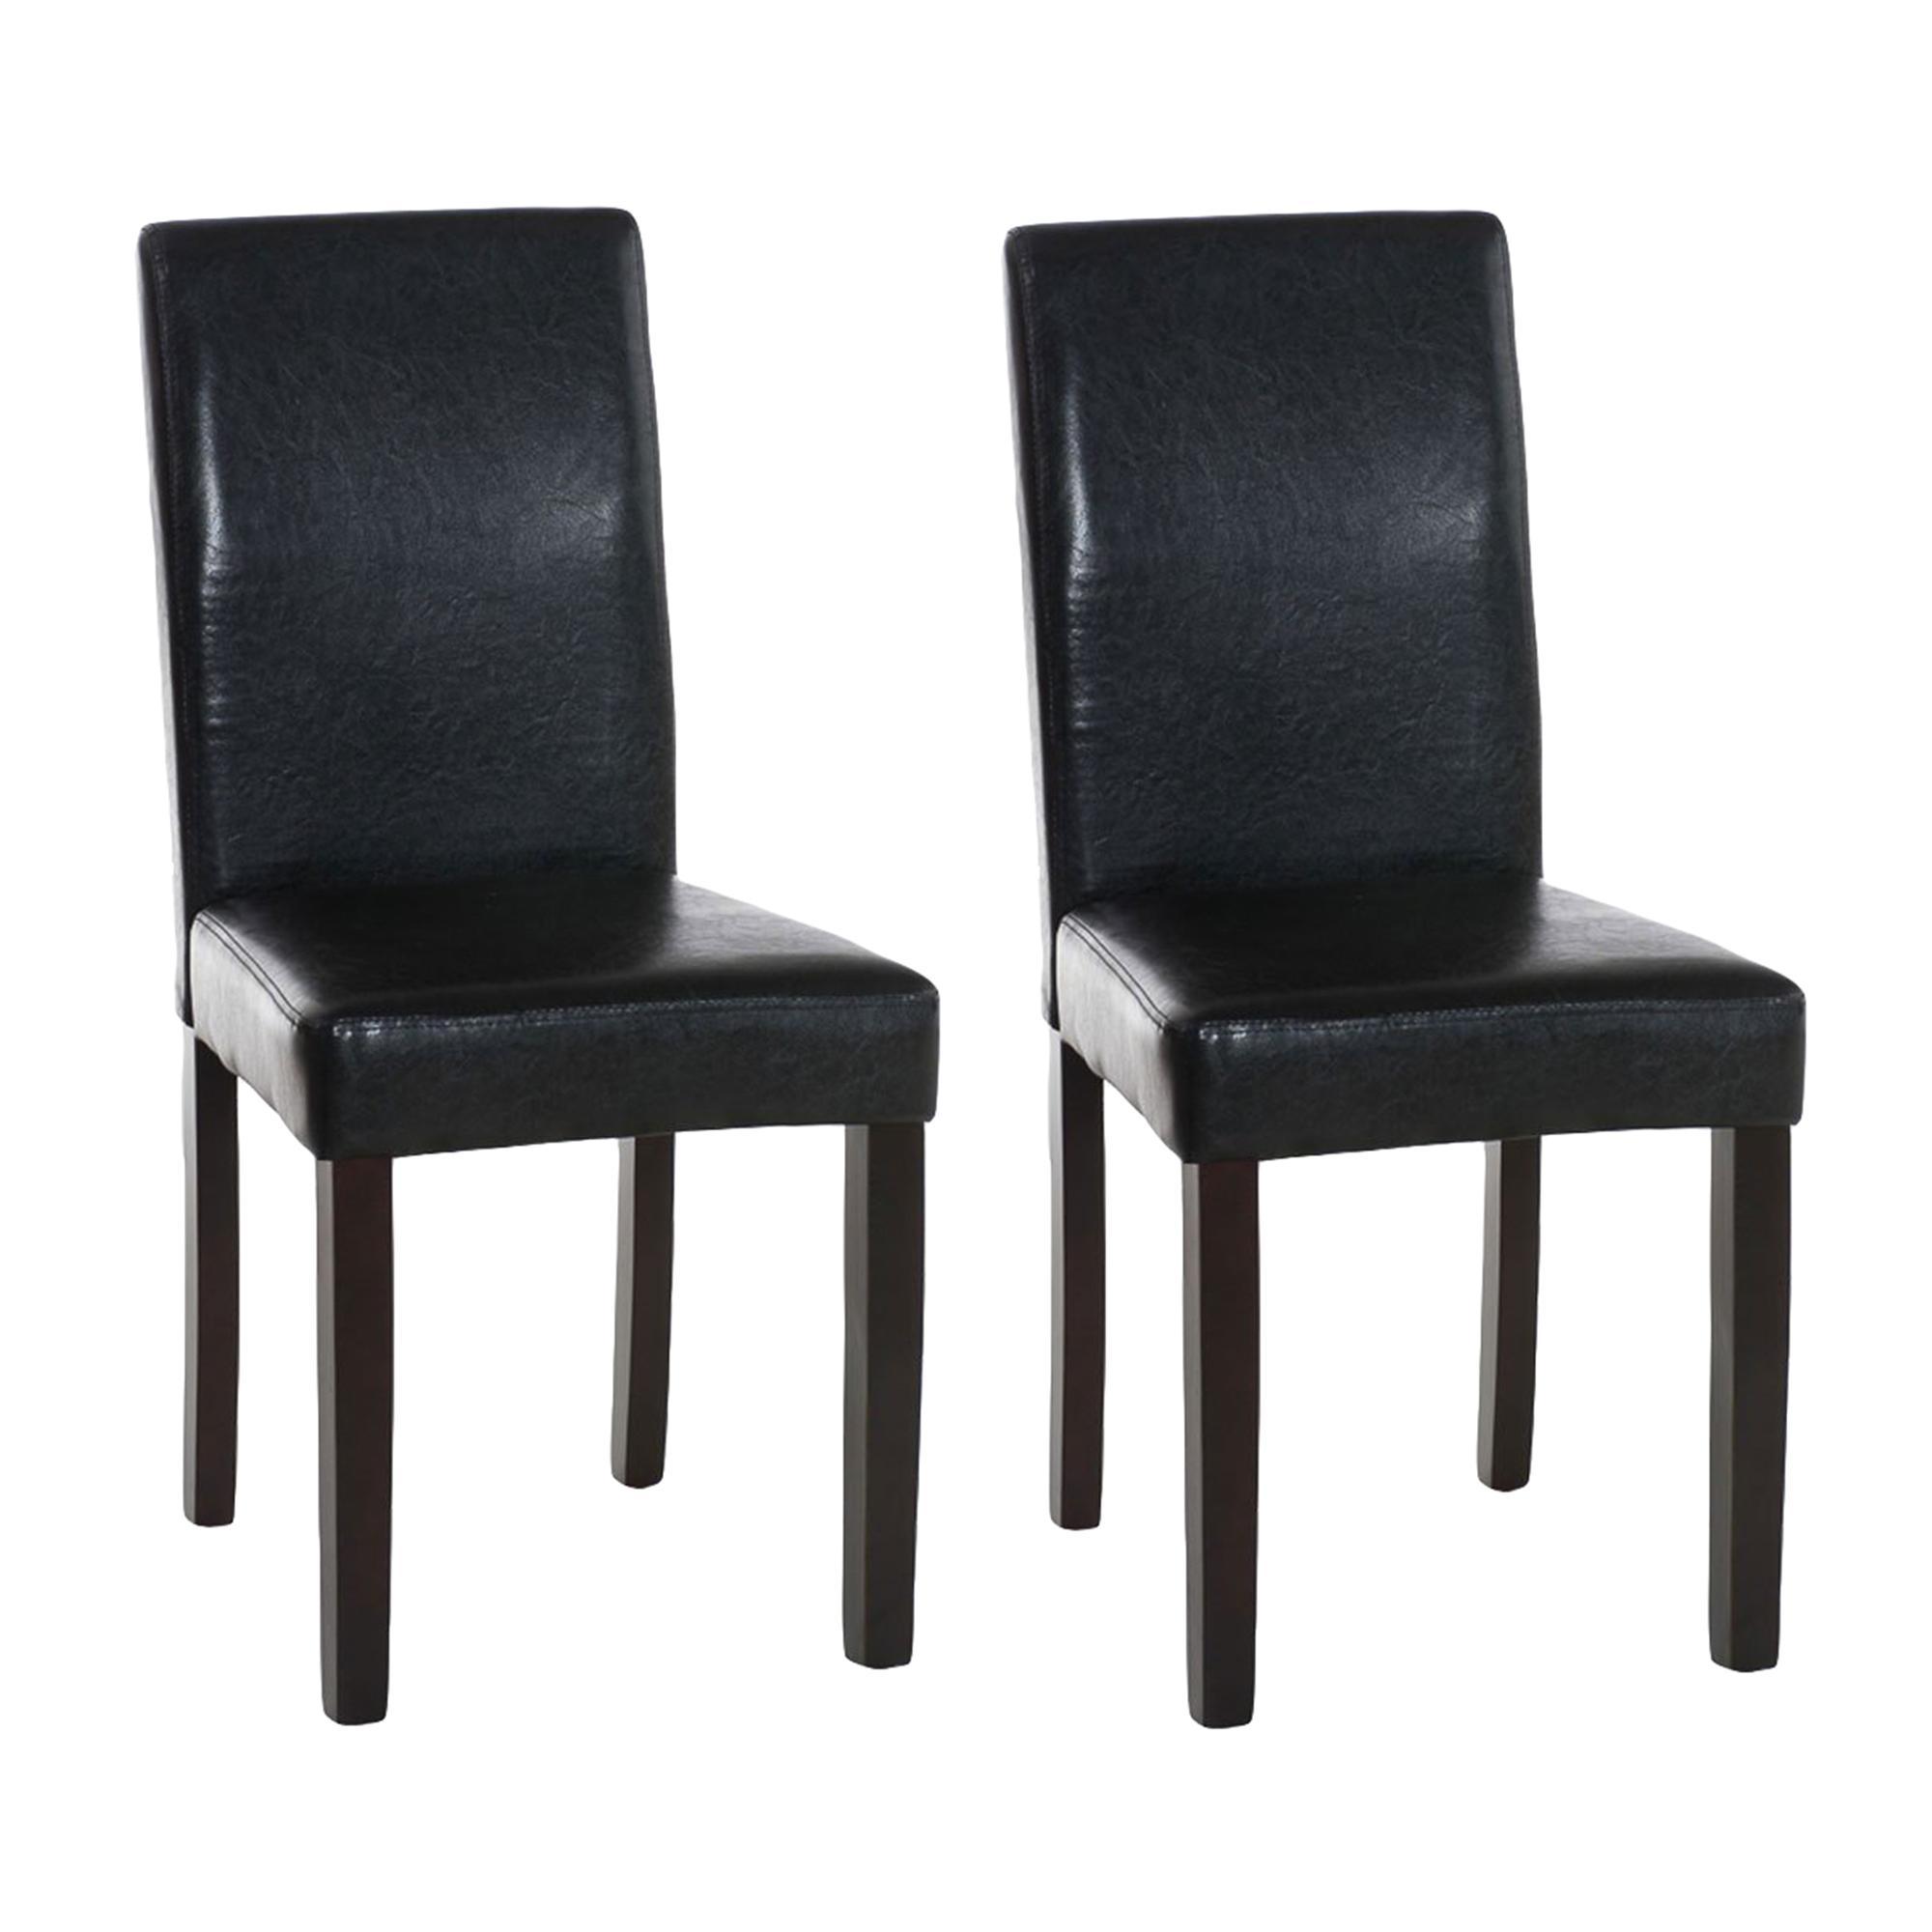 Lote de 2 sillas de comedor capri muy c modas y robustas for Sillas comodas comedor